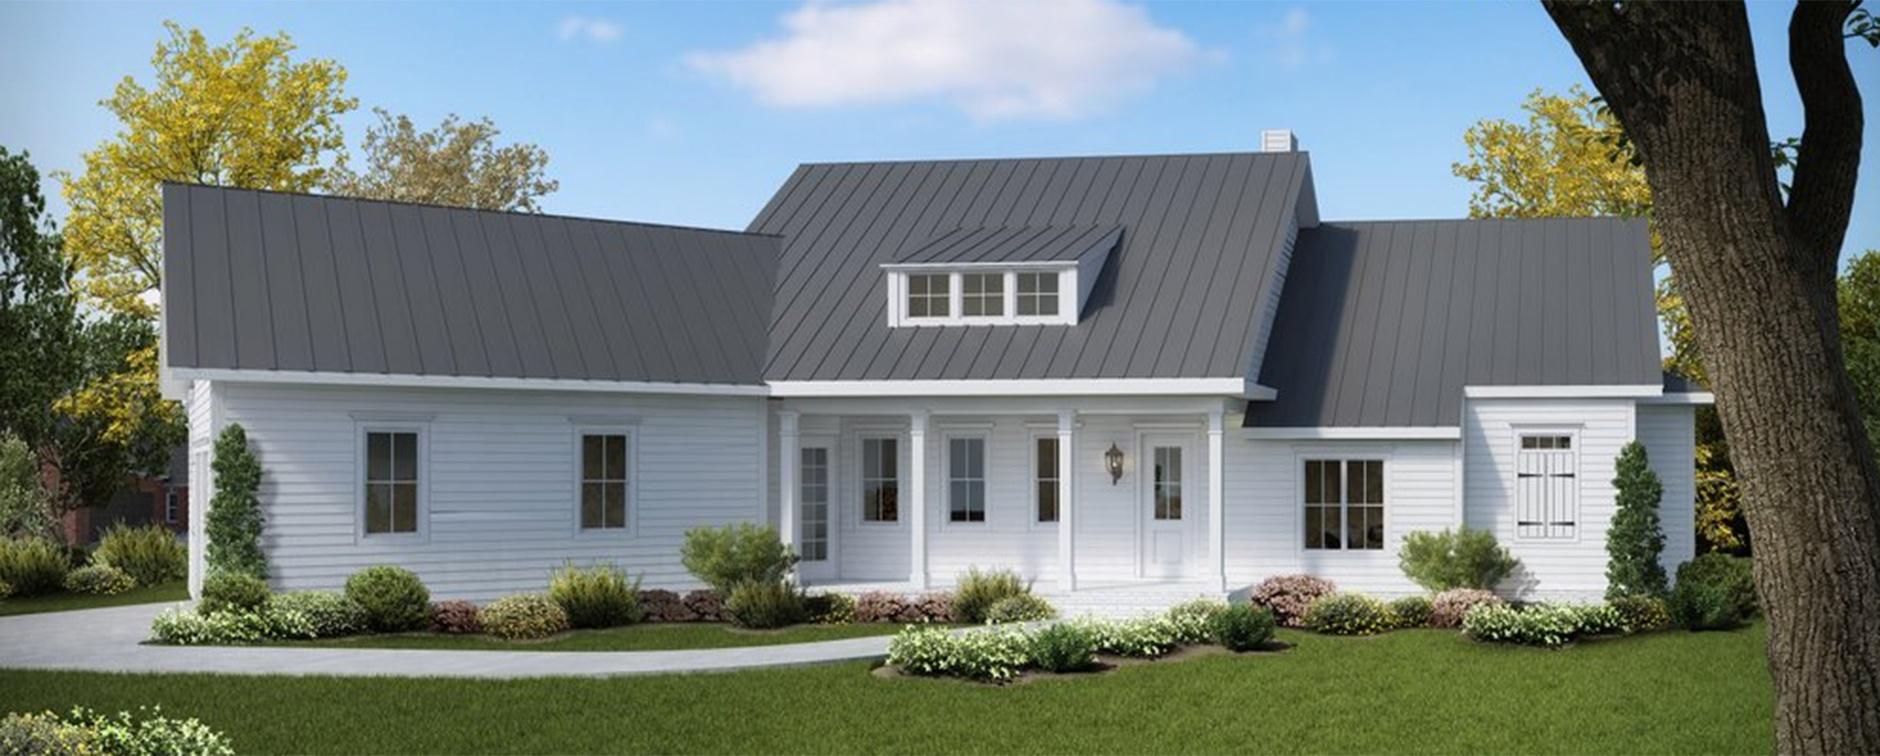 Modern Farmhouse Plan 54-384